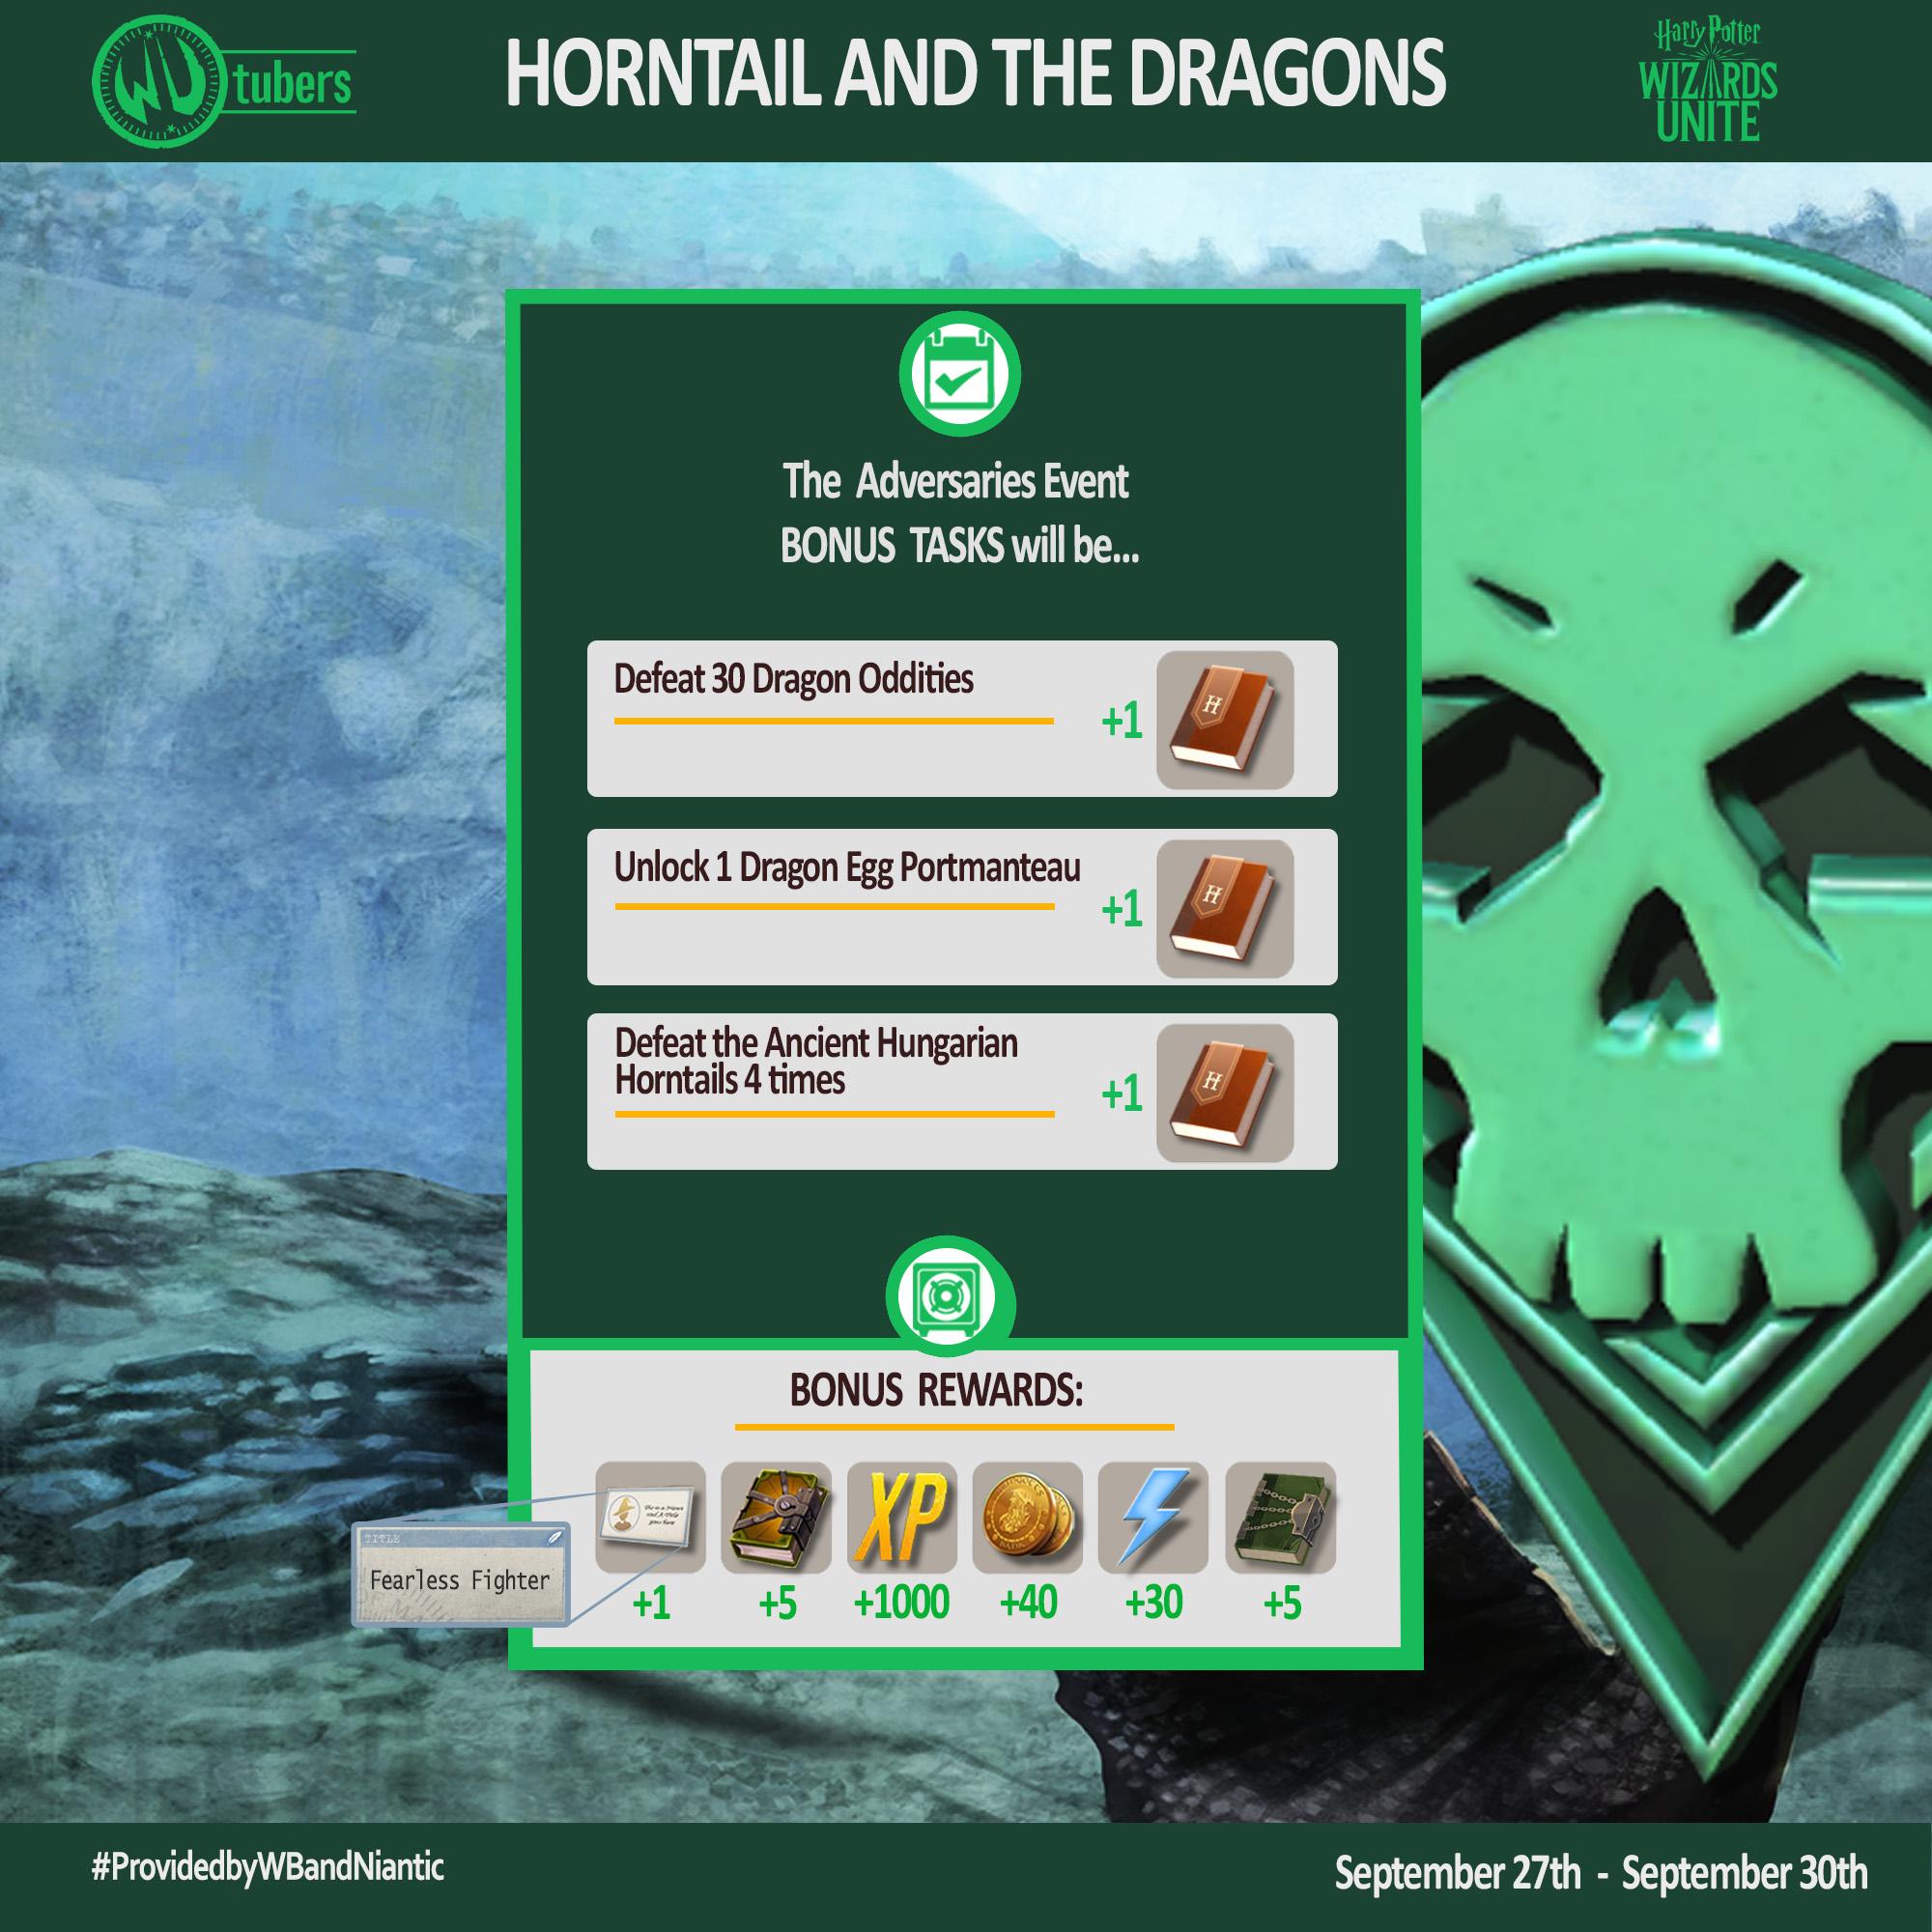 Horntail__Dragons_Event_Bonus_Tasks.jpg